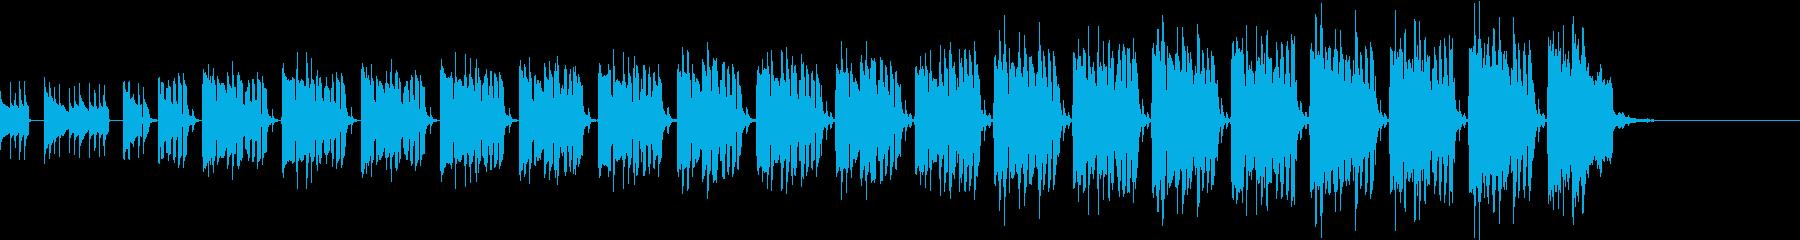 南国 ラテン調の陽気でコミカルなBGMの再生済みの波形